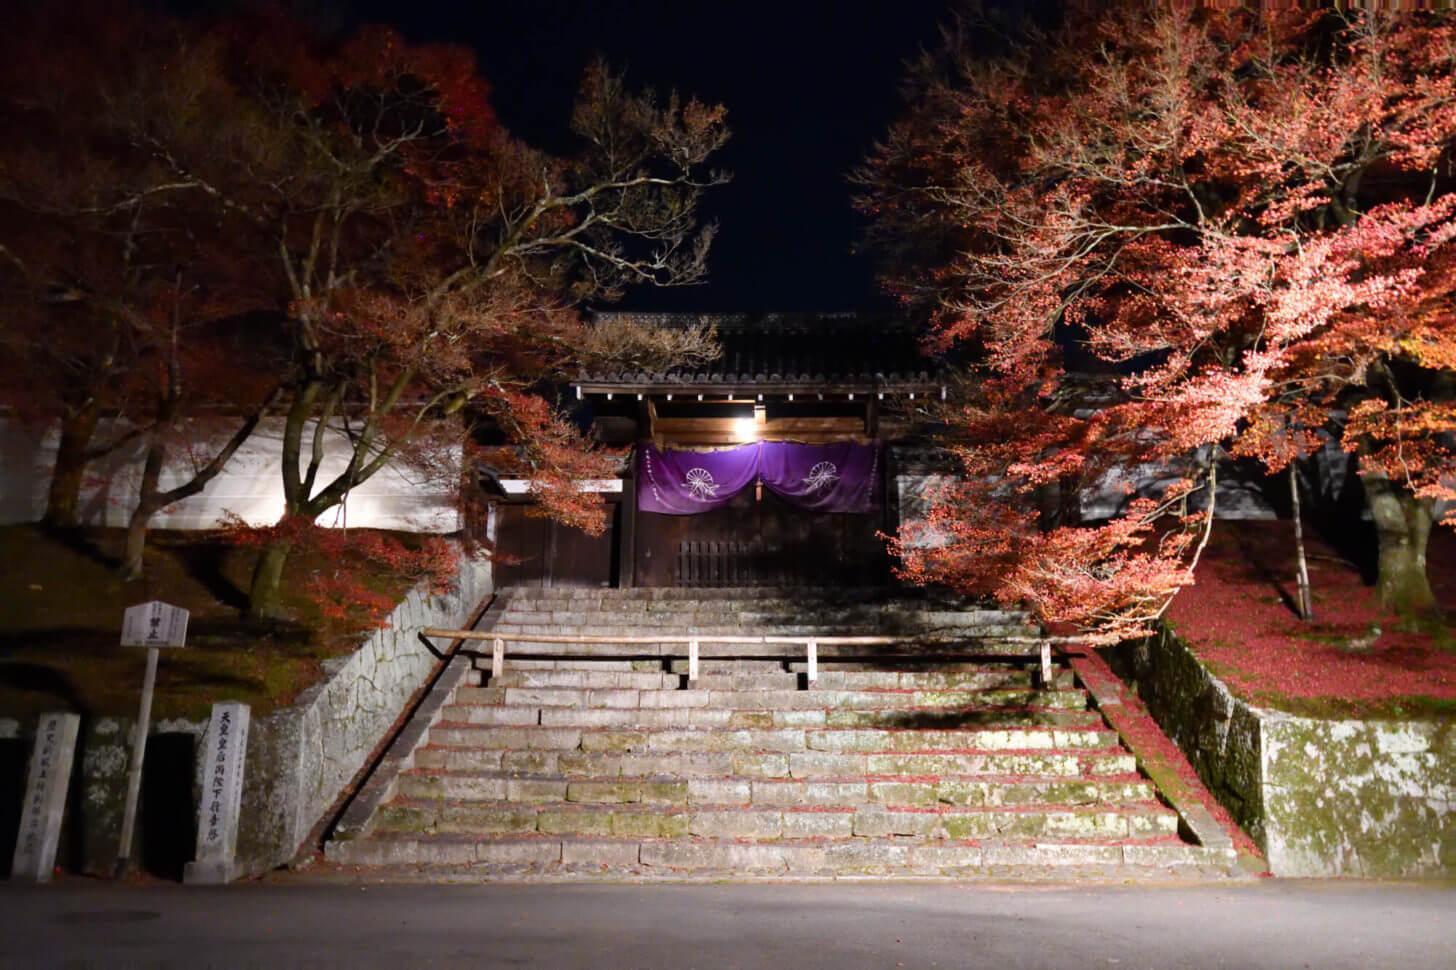 曼殊院門跡 勅使門のライトアップ